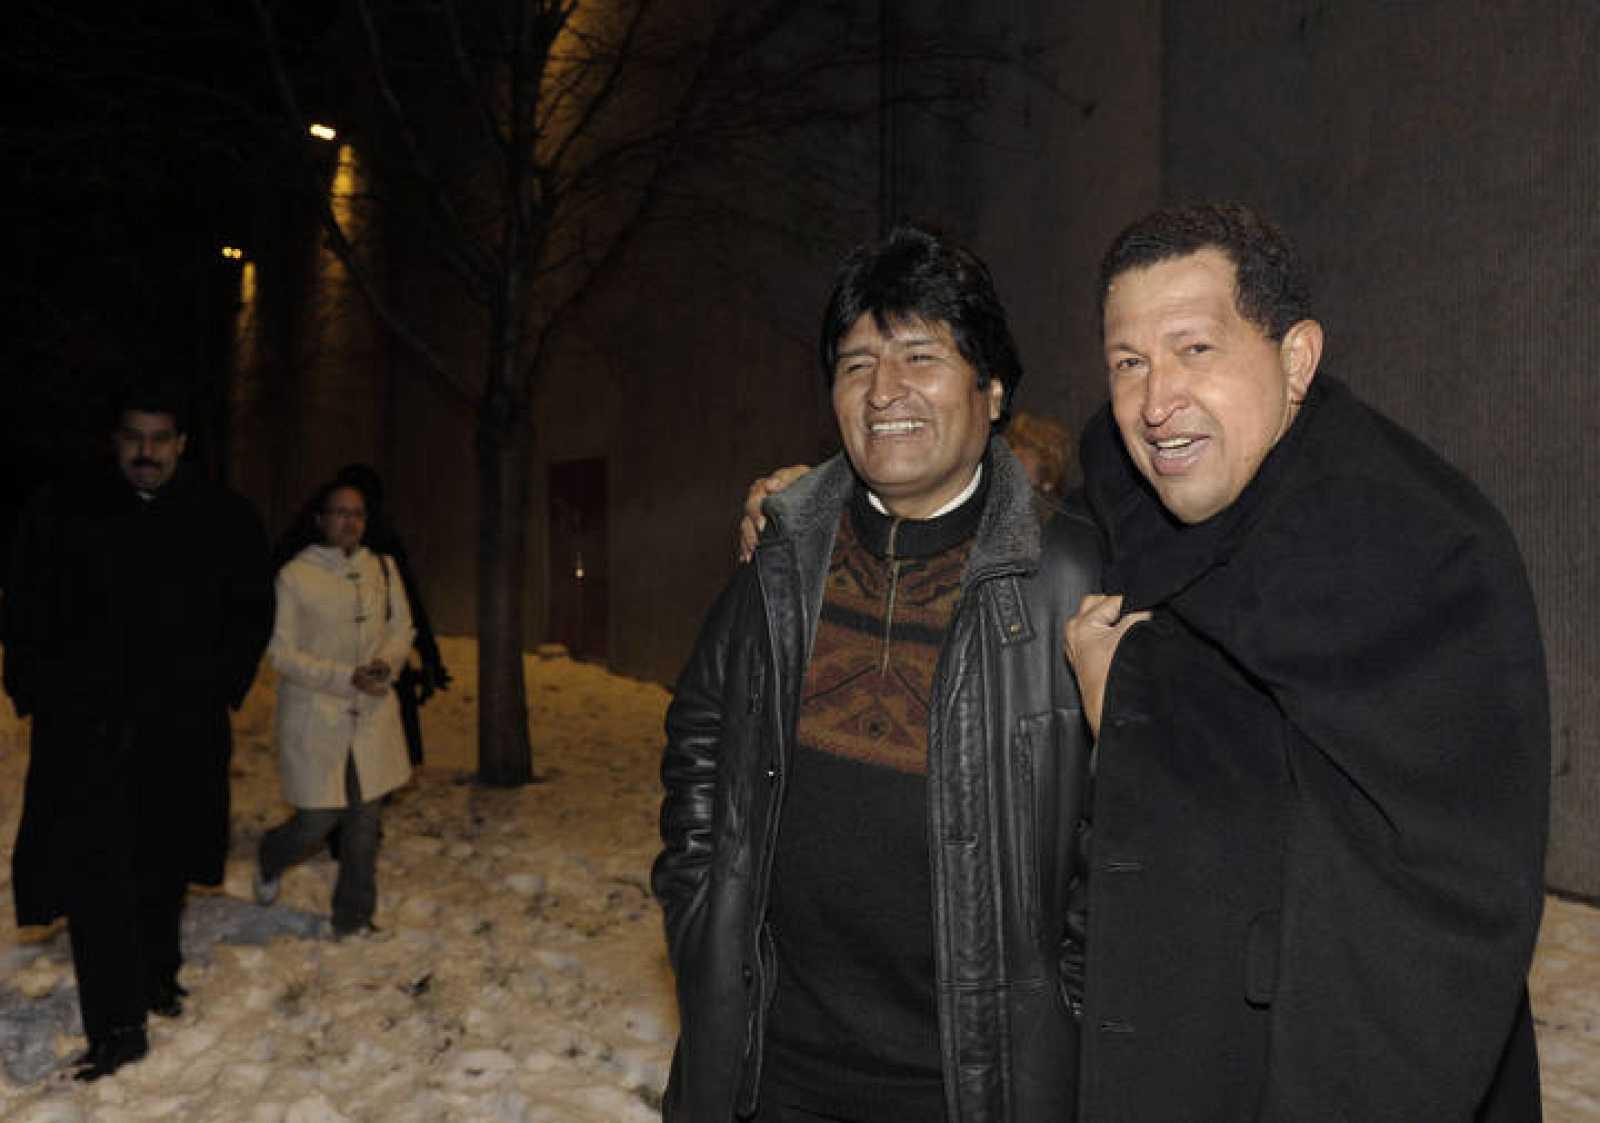 El presidente venezolano, Hugo Chávez, y su homólogo boliviano, Evo Morales, también sufren el frío y la nieve de Copenhague.